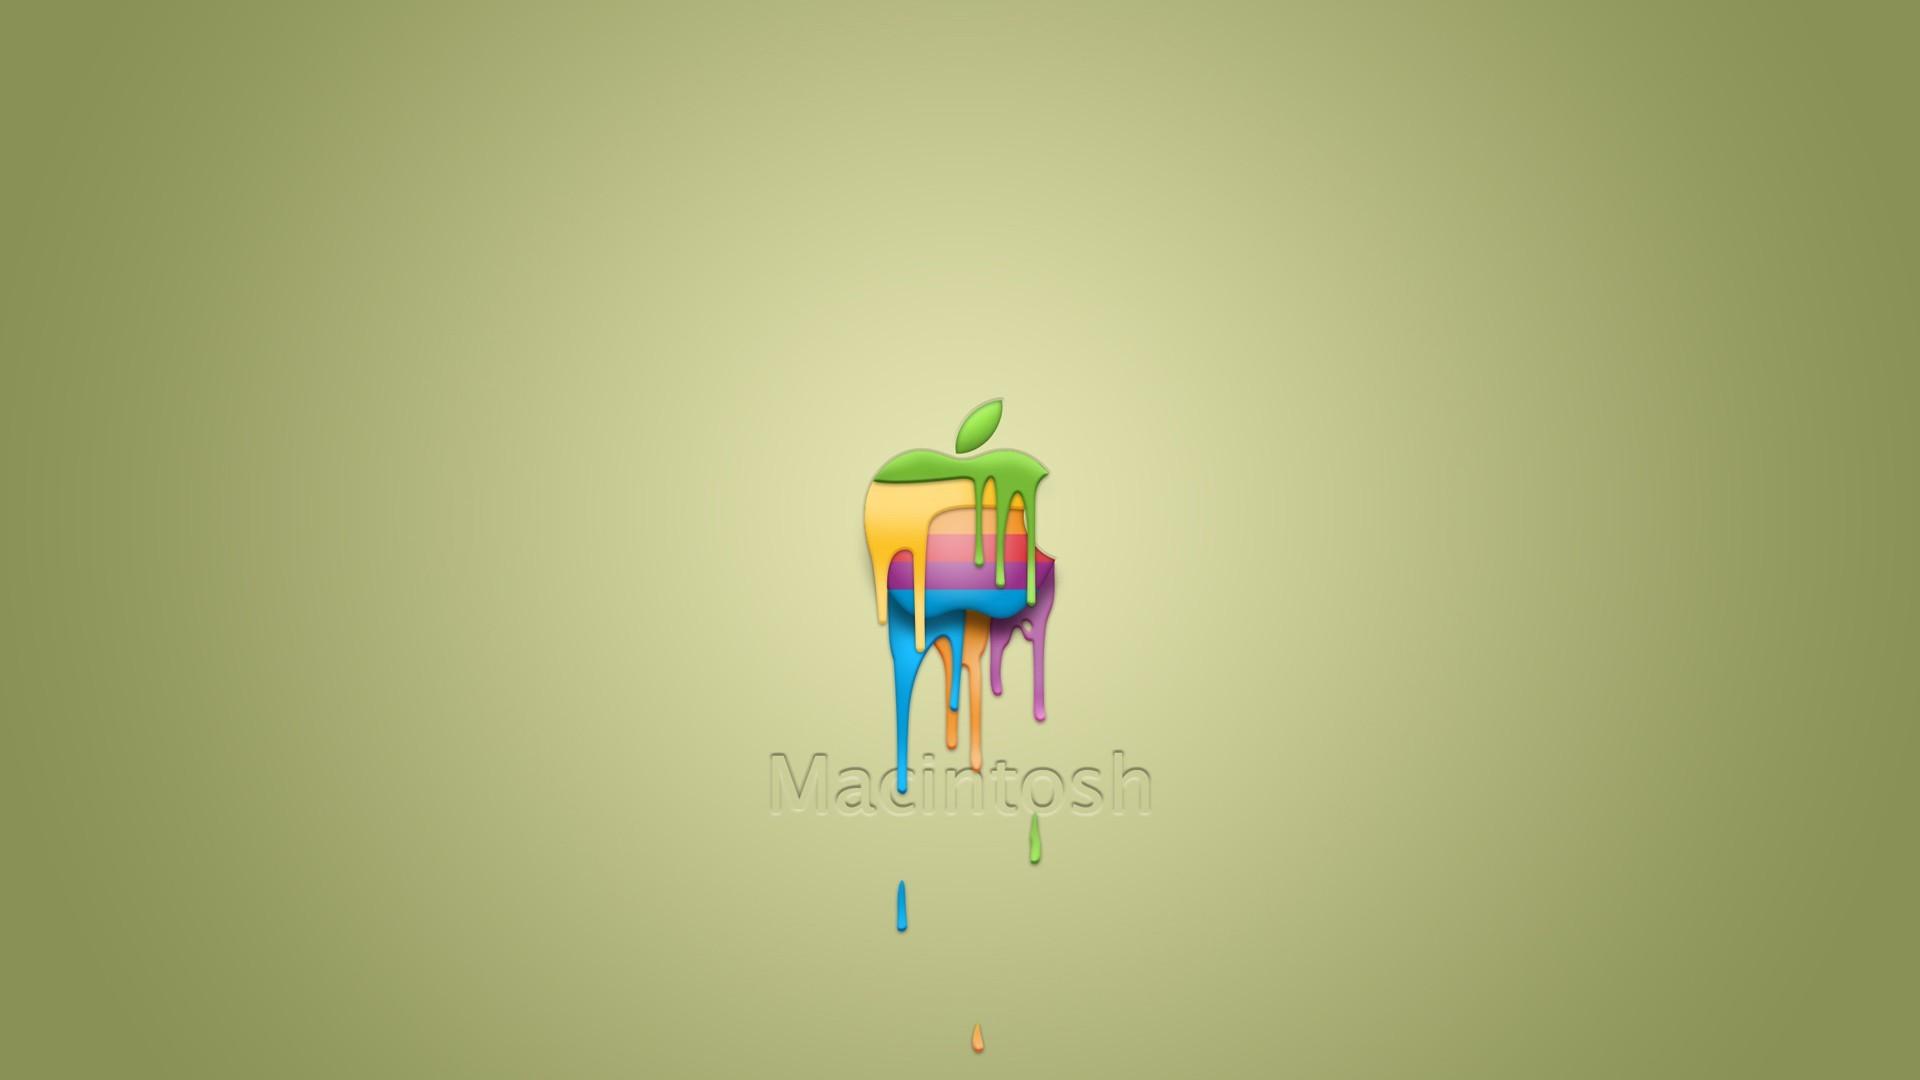 Res: 1920x1080, MAC Wallpaper 5